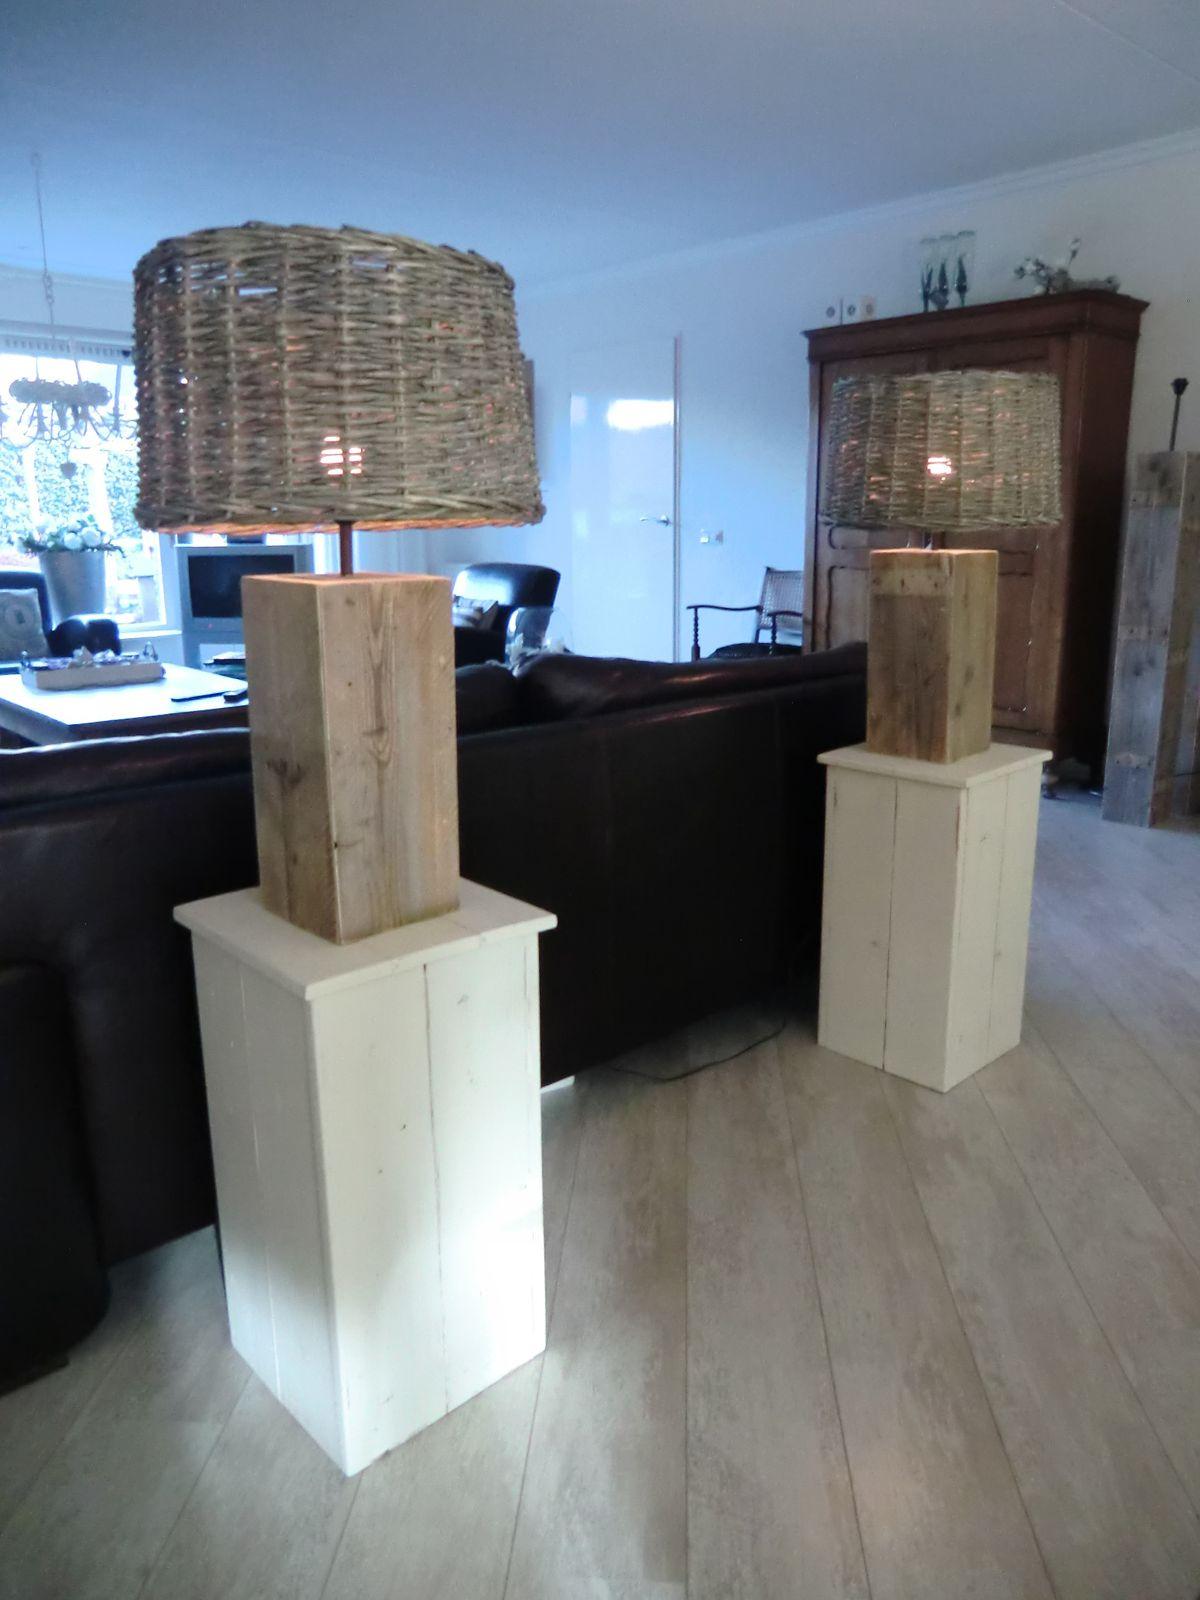 Meer dan 1000 idee n over verhuis kado 39 s op pinterest langeafstandsgeschenken verhuis - Deco buitenkant idee ...